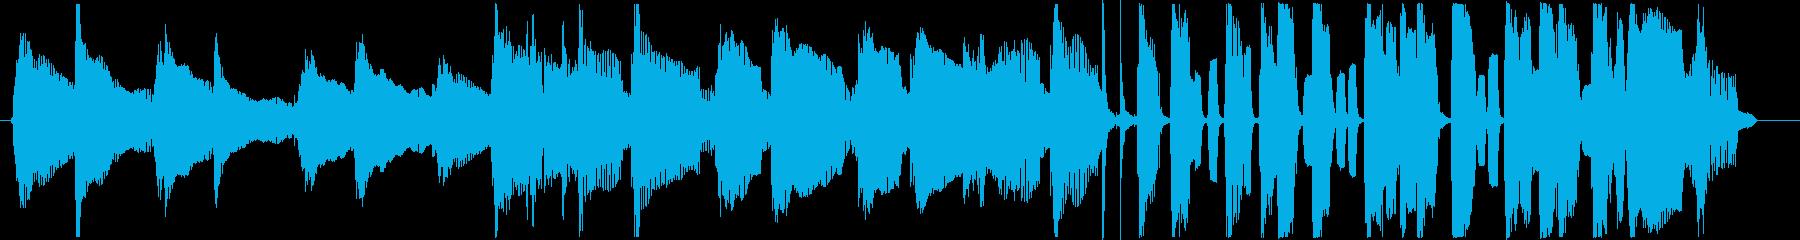 アコギとハーモニカの可愛らしいBGMの再生済みの波形